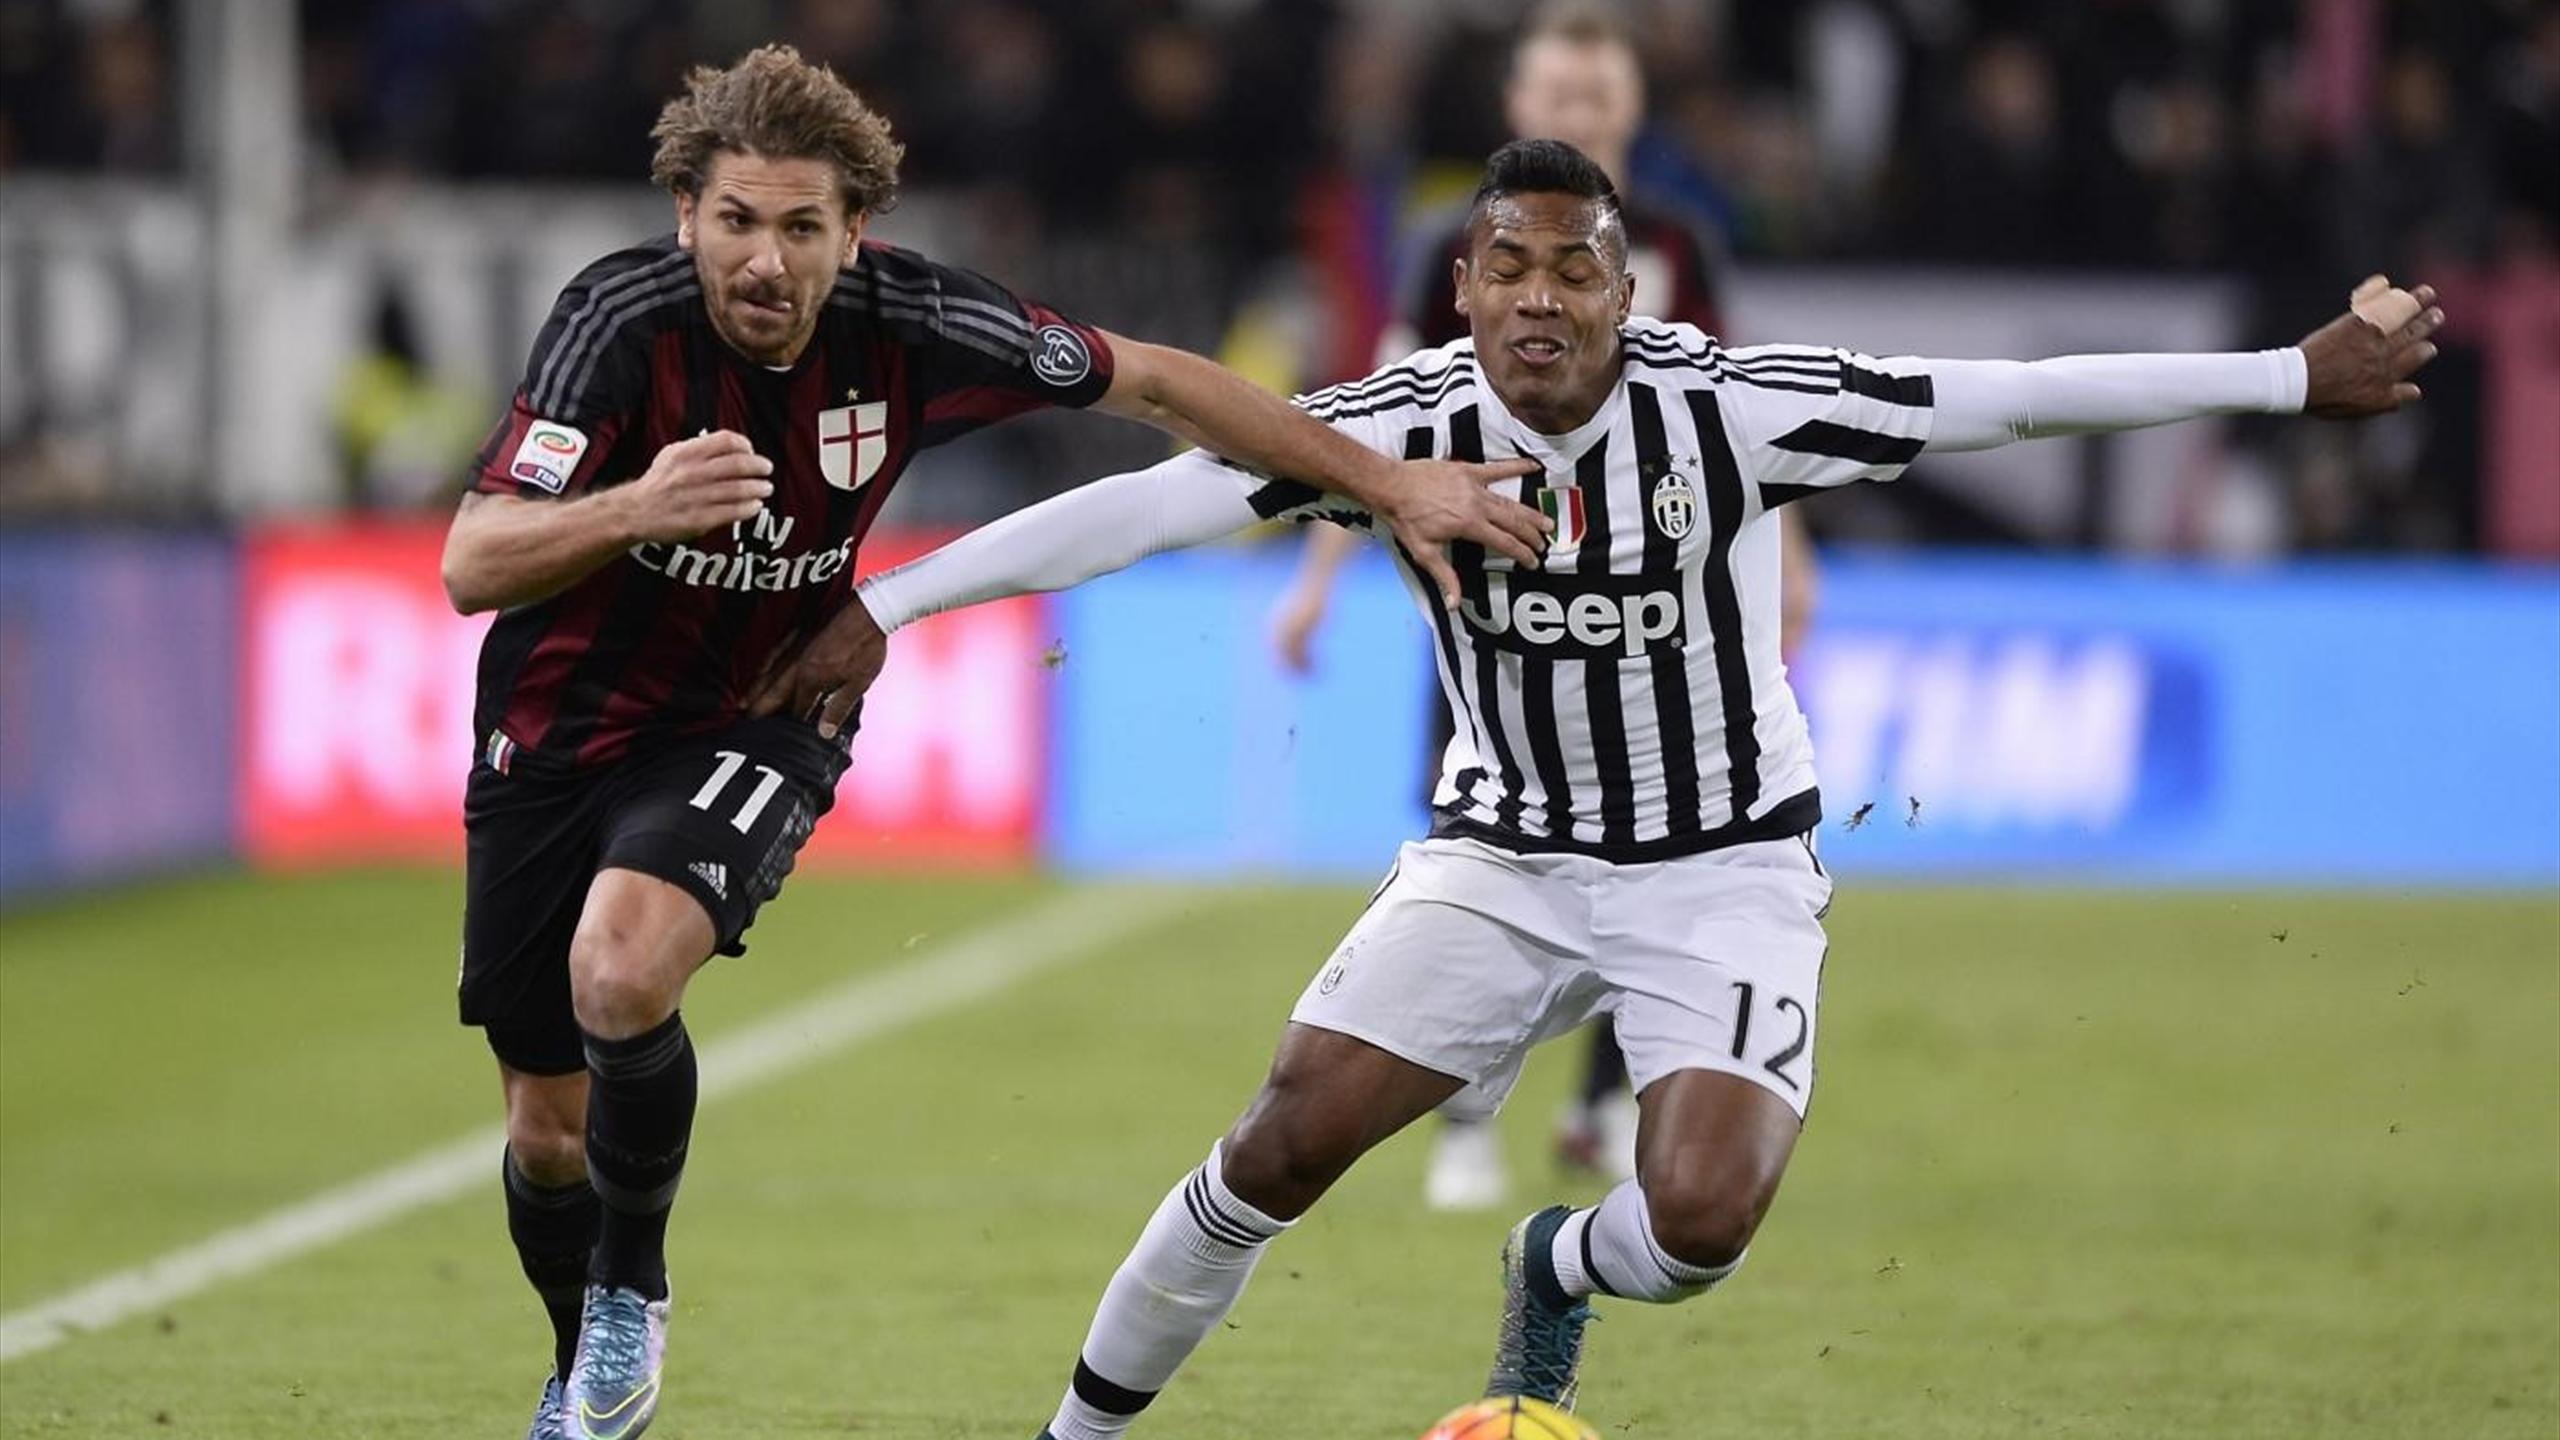 Милан ювентус перед игрой